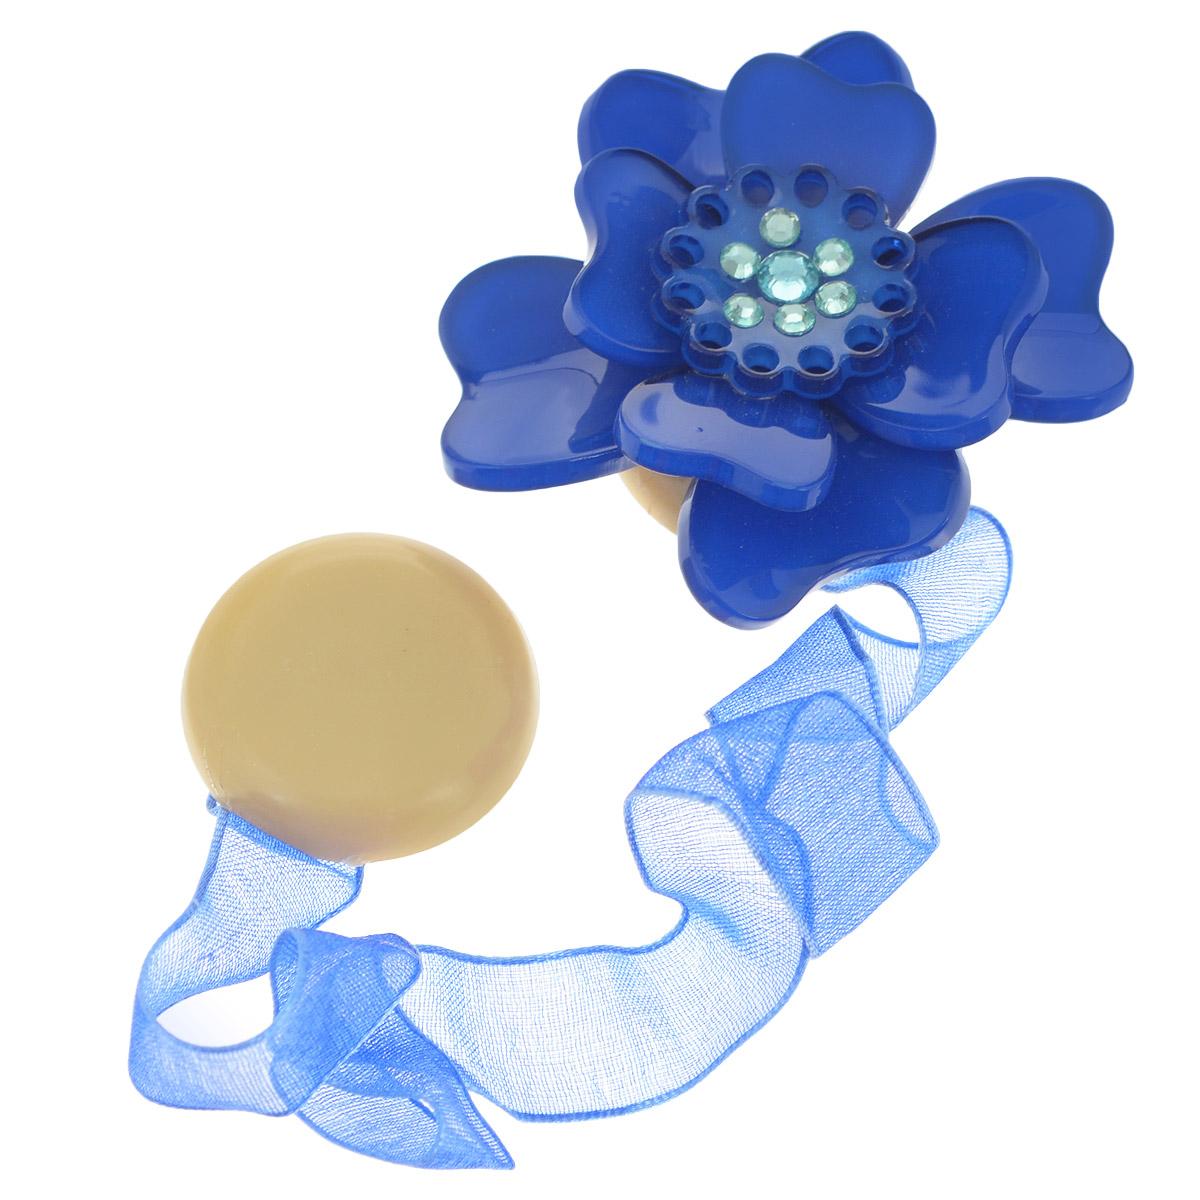 Клипса-магнит для штор Calamita Fiore, цвет: синий. 7704008_7927704008_792Клипса-магнит Calamita Fiore, изготовленная из пластика и текстиля, предназначена для придания формы шторам. Изделие представляет собой два магнита, расположенные на разных концах текстильной ленты. Один из магнитов оформлен декоративным цветком и украшен стразами. С помощью такой магнитной клипсы можно зафиксировать портьеры, придать им требуемое положение, сделать складки симметричными или приблизить портьеры, скрепить их. Клипсы для штор являются универсальным изделием, которое превосходно подойдет как для штор в детской комнате, так и для штор в гостиной. Следует отметить, что клипсы для штор выполняют не только практическую функцию, но также являются одной из основных деталей декора этого изделия, которая придает шторам восхитительный, стильный внешний вид. Материал: пластик, полиэстер, магнит.Диаметр декоративного цветка: 5 см.Диаметр магнита: 2,5 см.Длина ленты: 28 см.